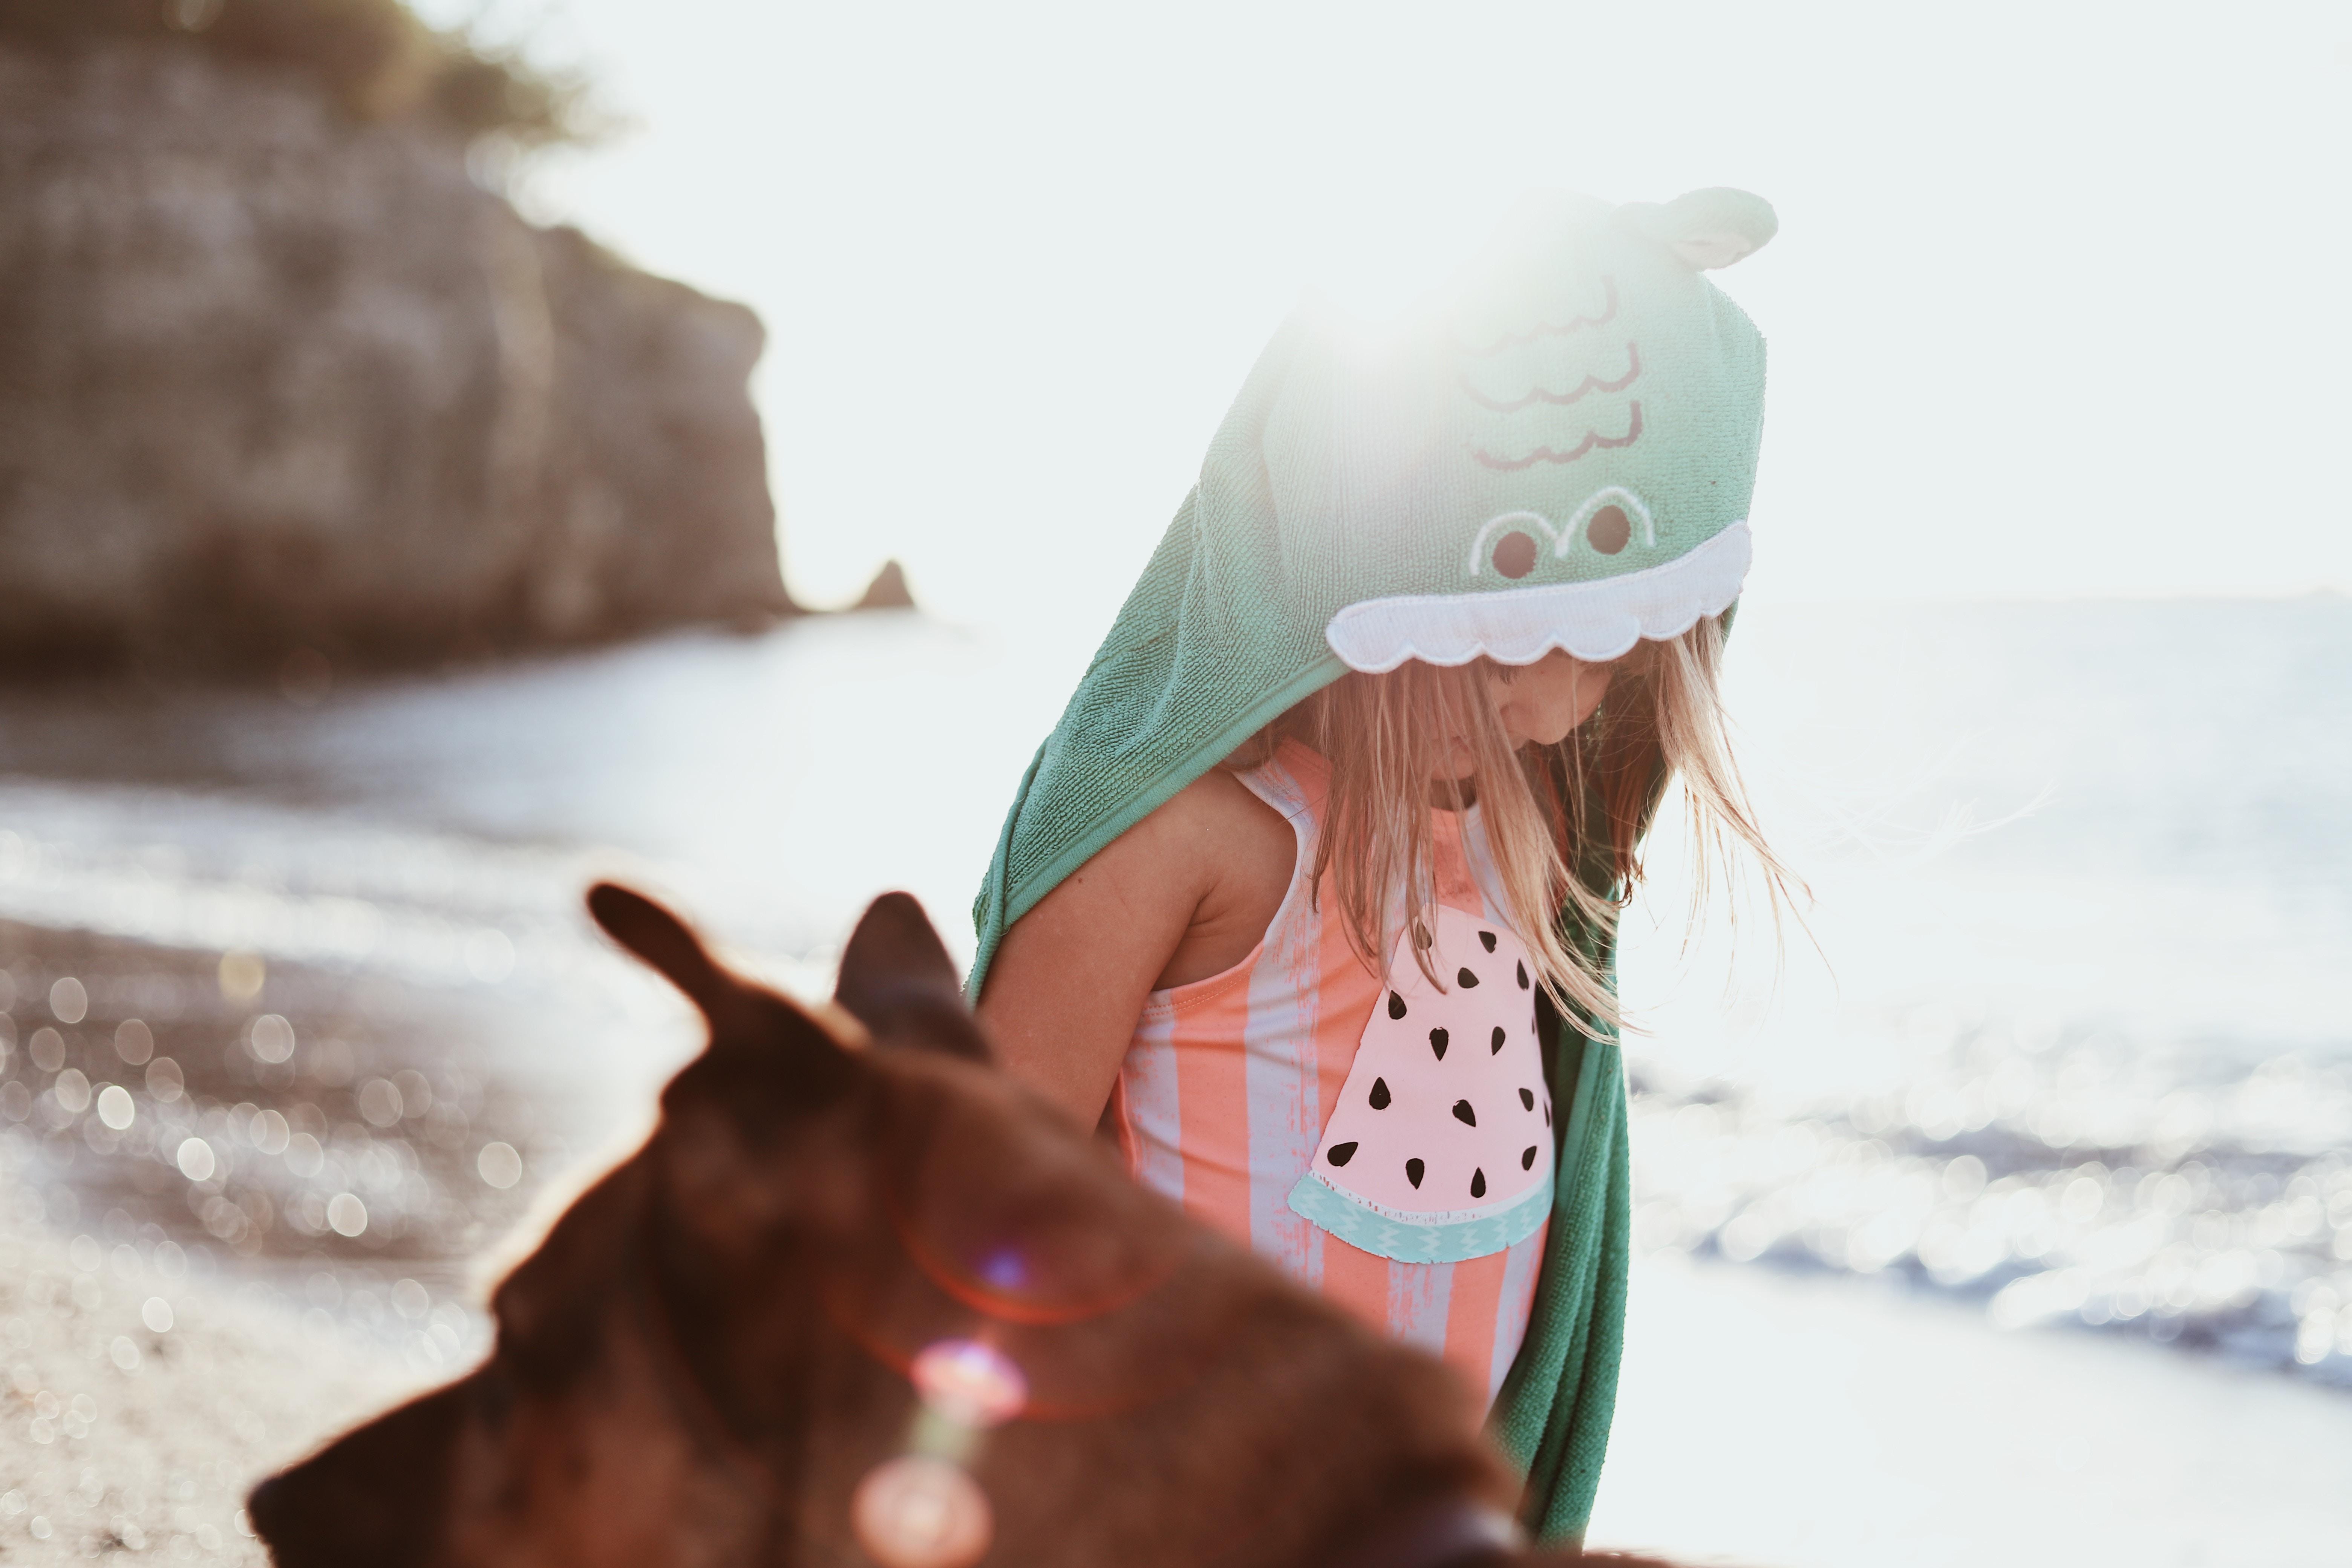 Garde périscolaire pour la rentrée septembre : Trouvez votre baby-sitter dès maintenant !